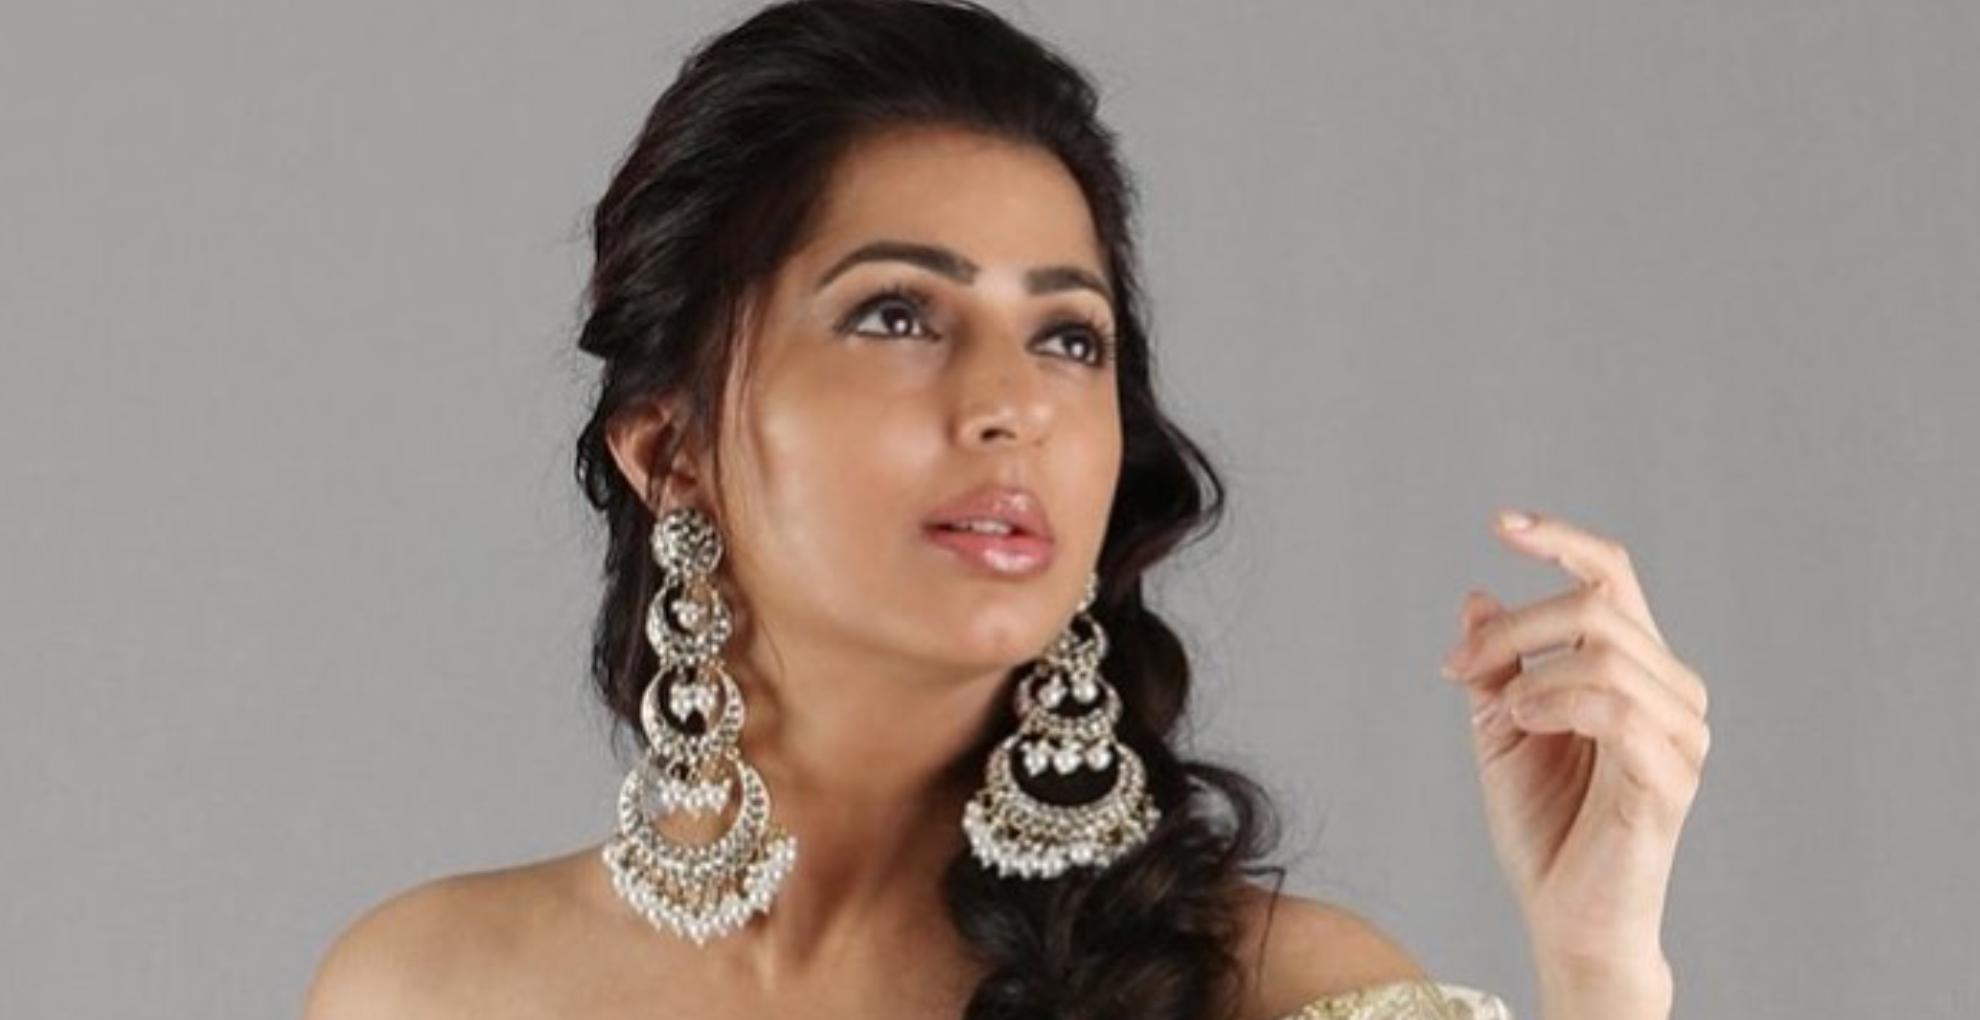 Bhumika Chawla Birthday: सीरियल हिप हिप हुर्रे में भी नजर आ चुकी हैं भूमिका चावला, जानिए अनसुने किस्से